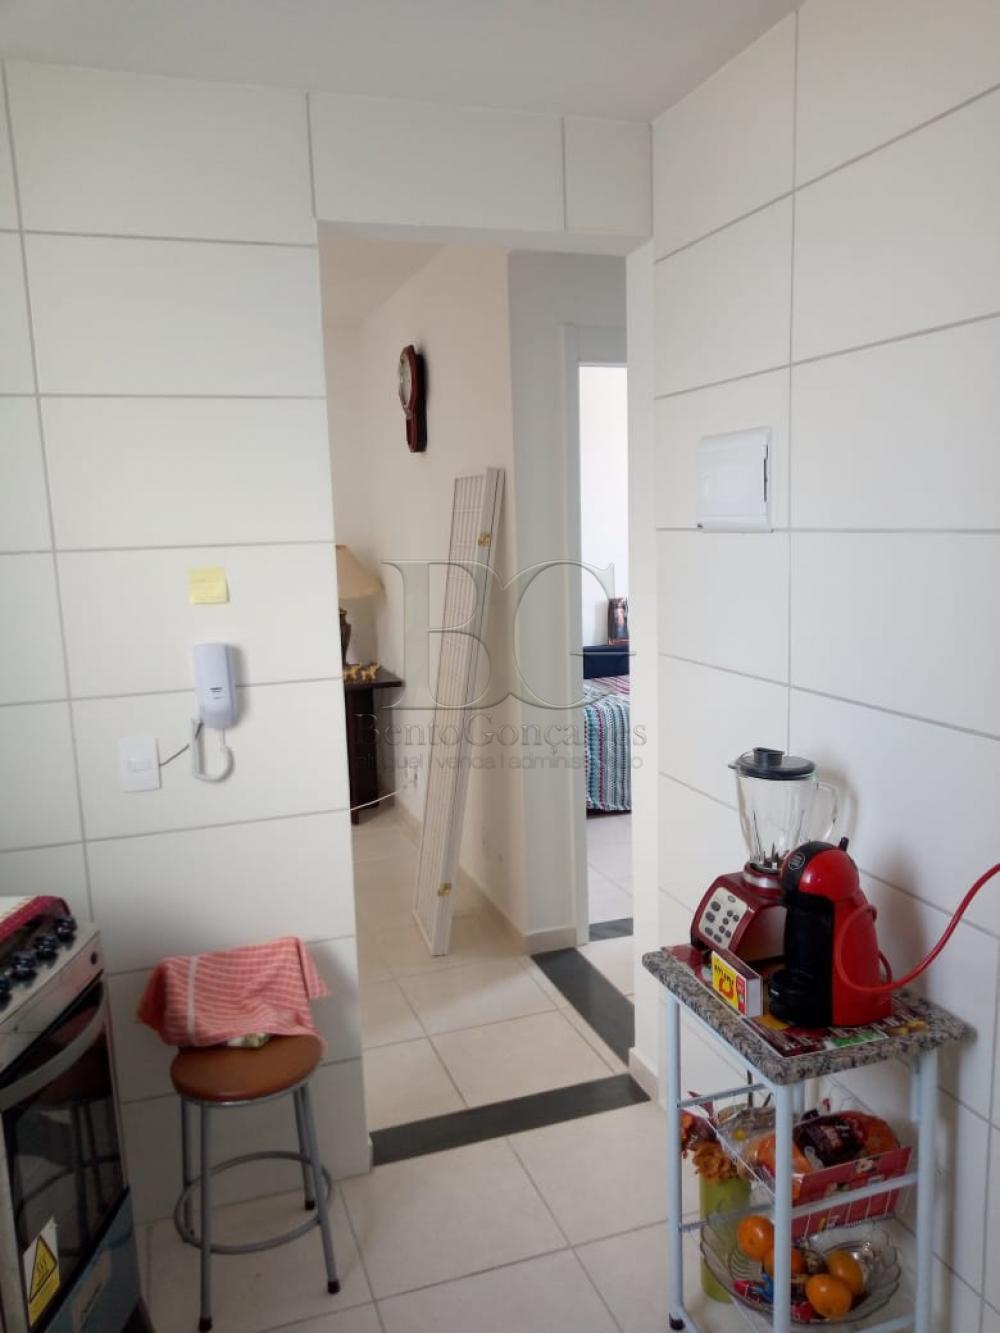 Comprar Apartamentos / Padrão em Poços de Caldas apenas R$ 148.000,00 - Foto 11